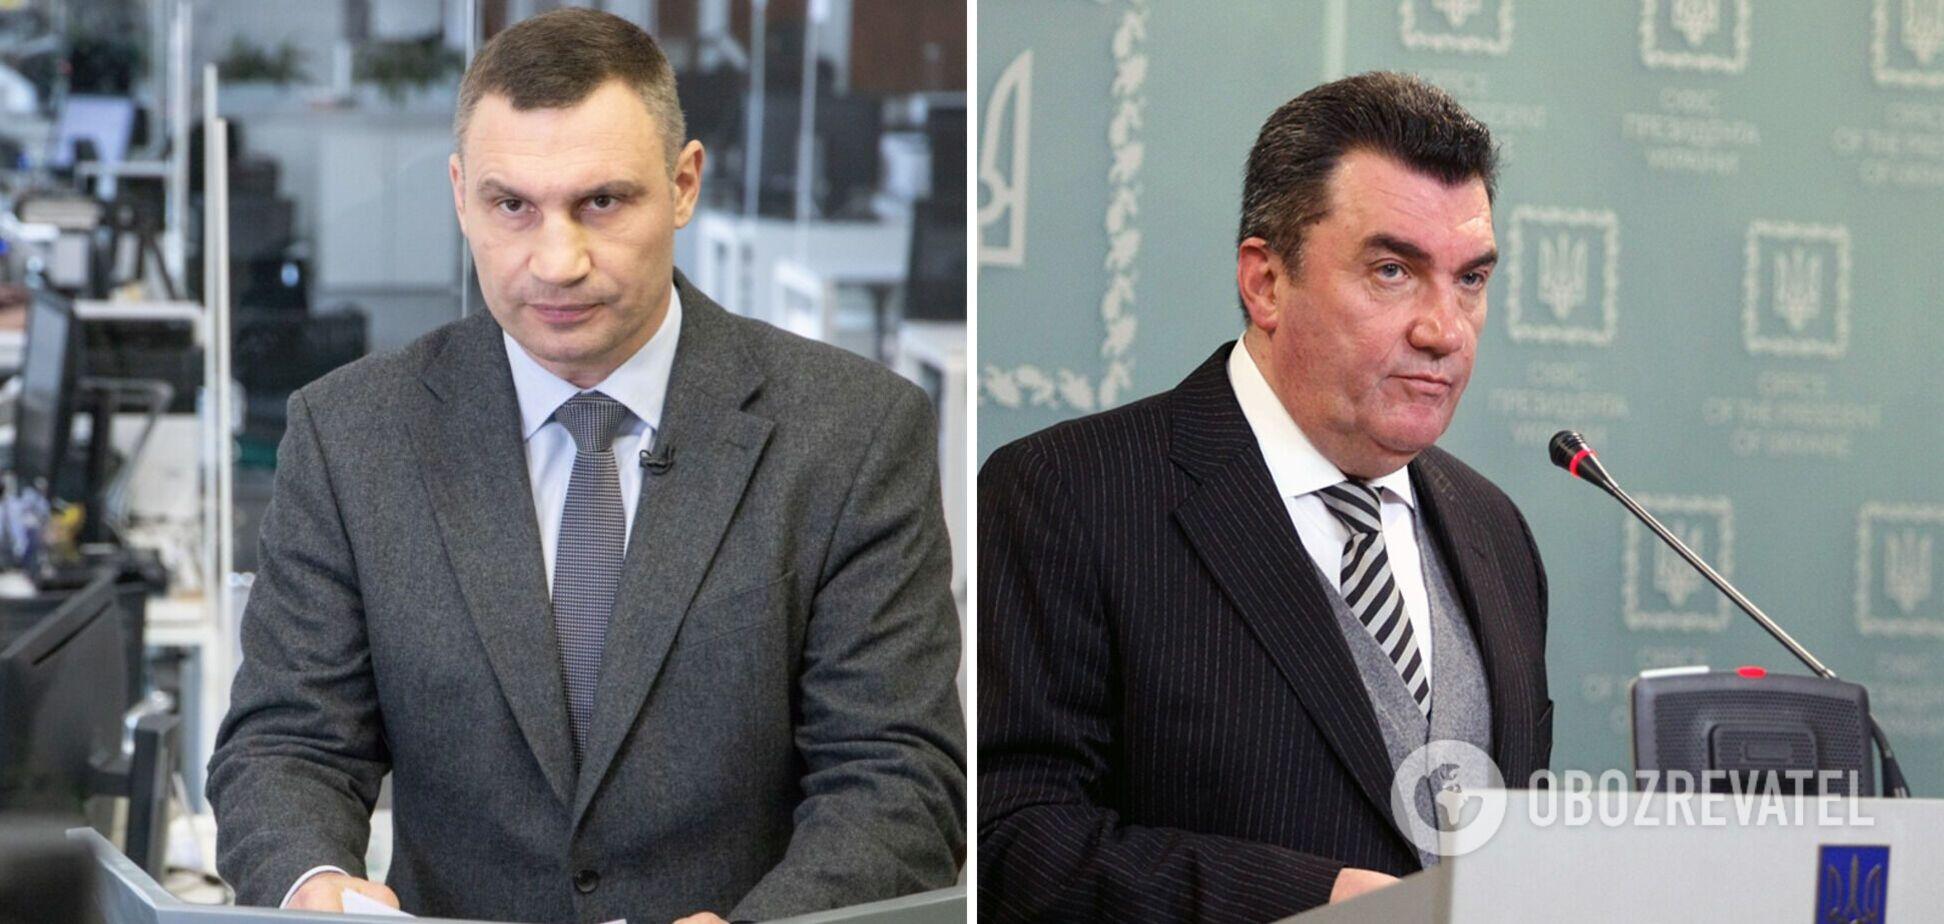 Данілов – про звільнення Кличка: РНБО не має таких повноважень